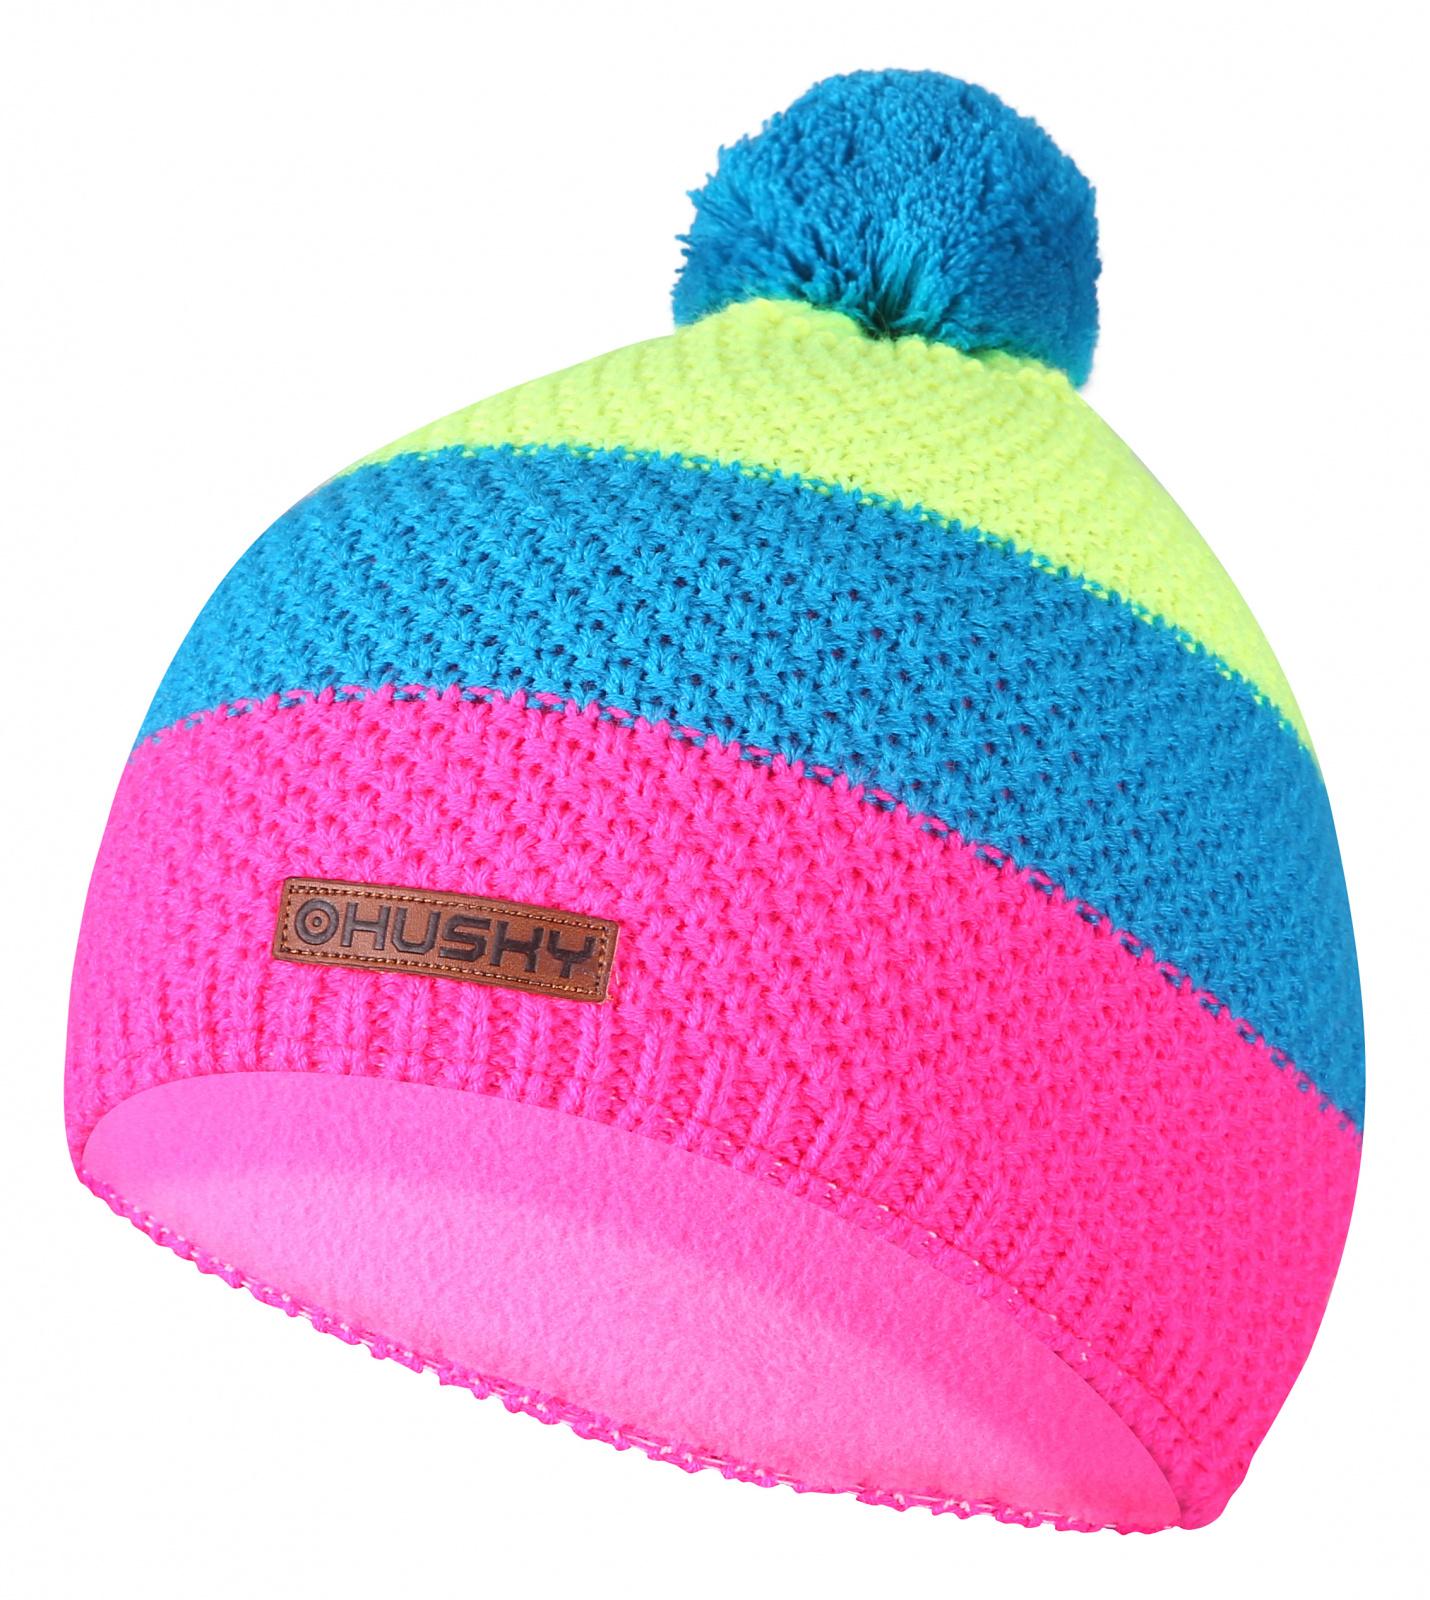 Husky Dětská čepice   Cap 35 růžová/neon žlutá